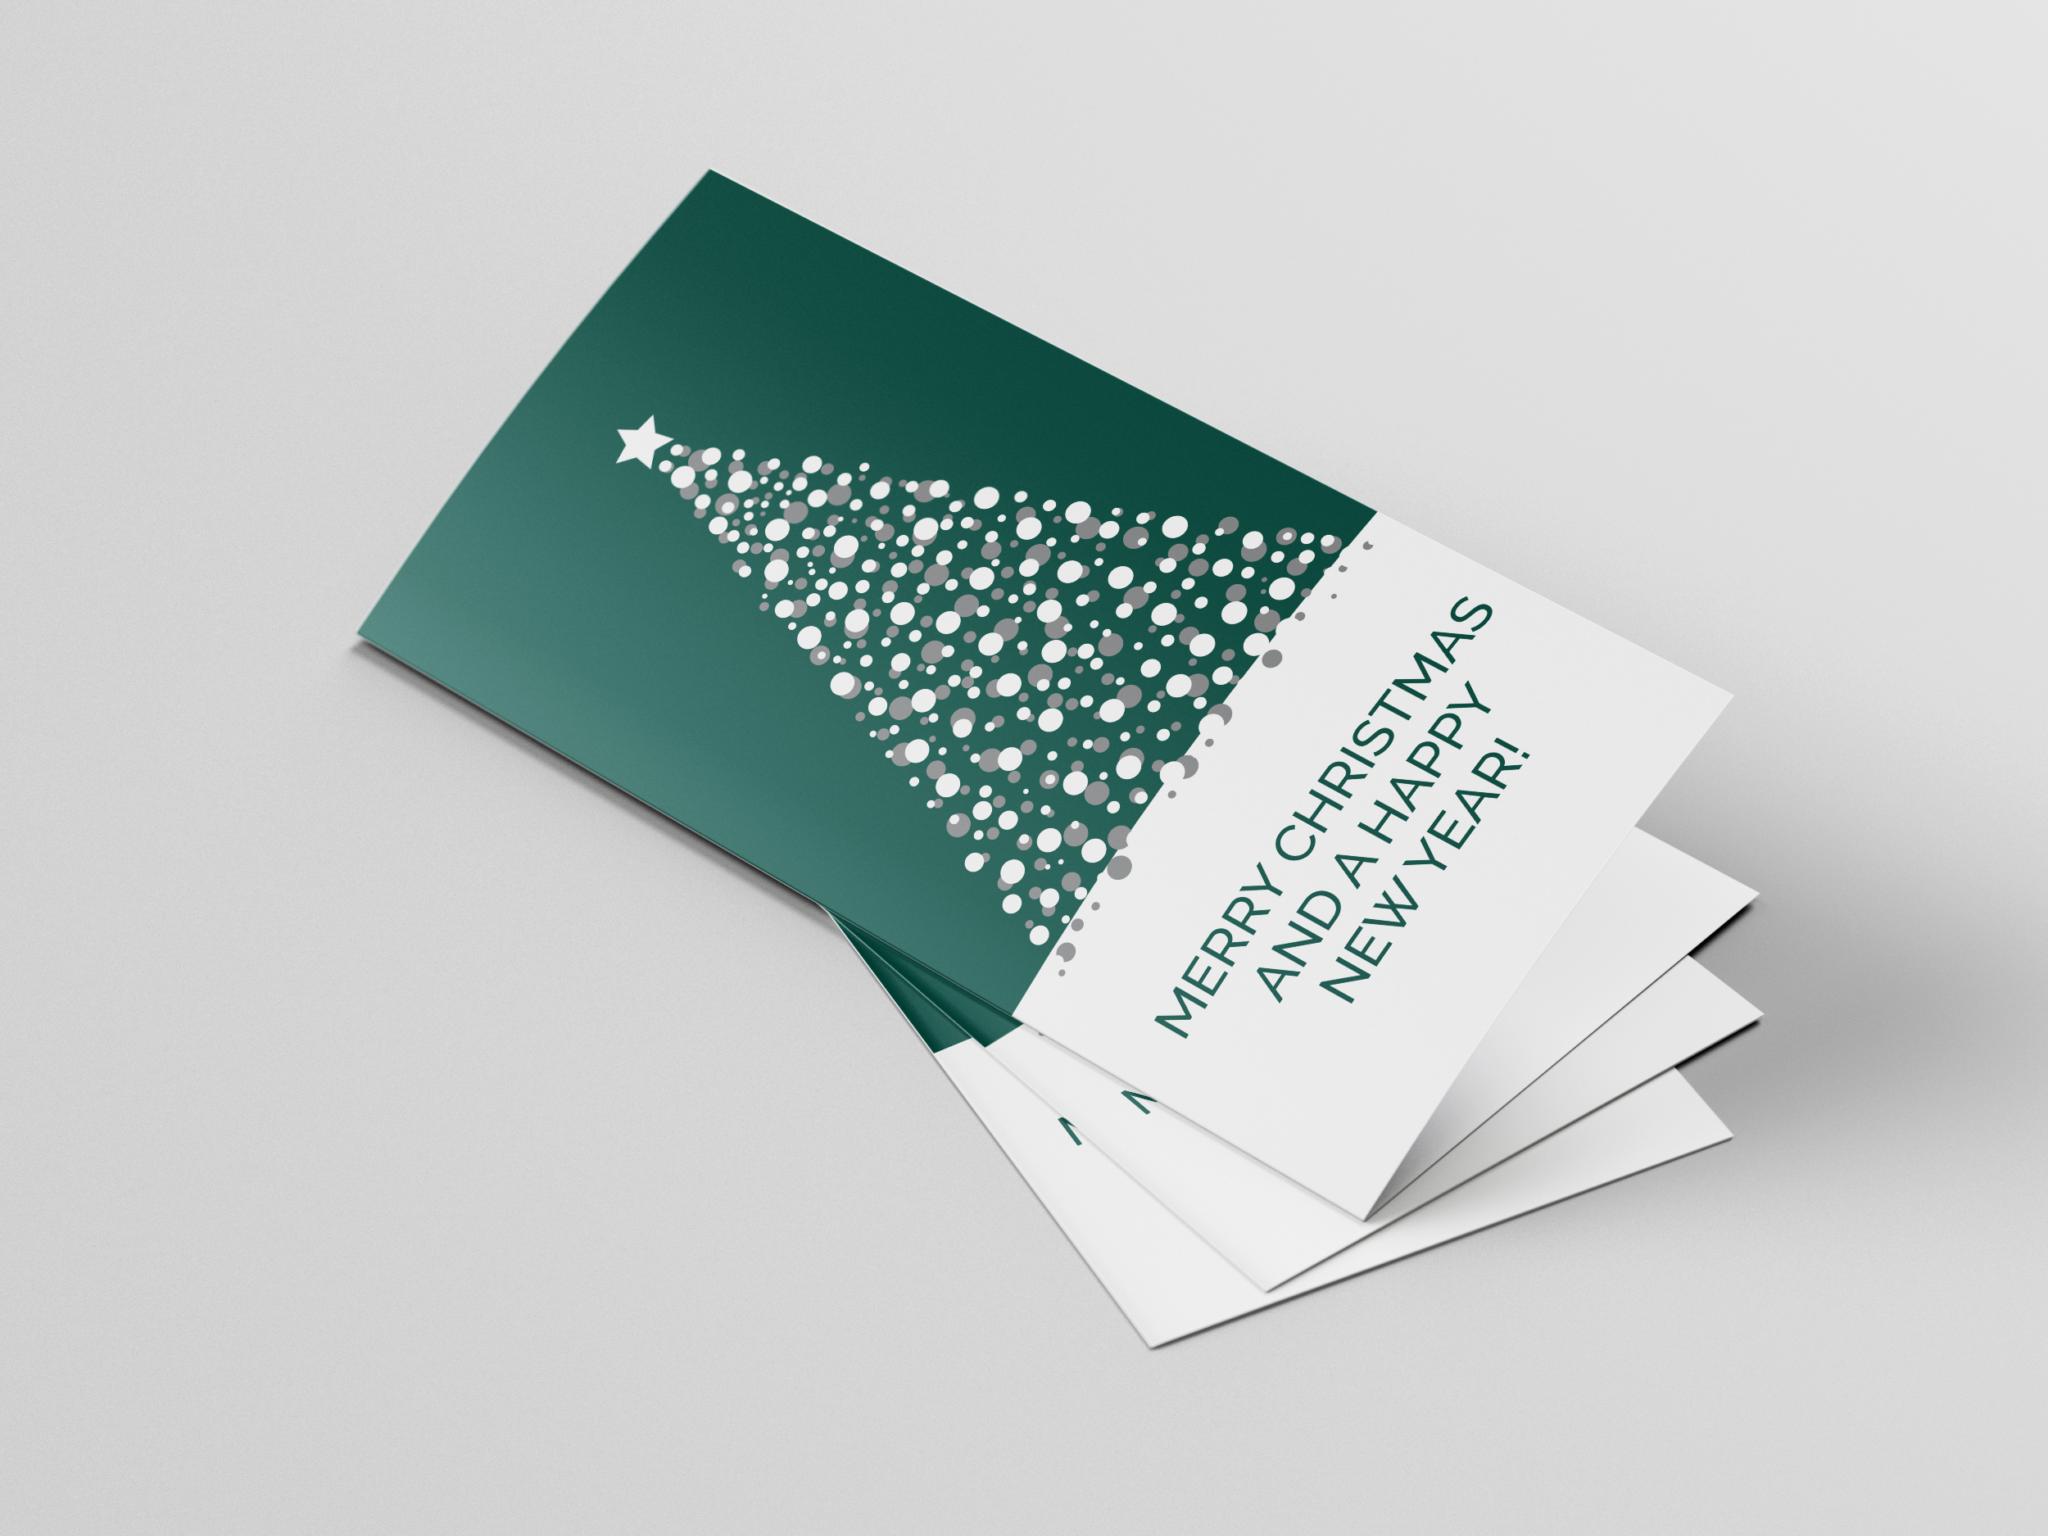 regel-design-nierswalder-kuhhof-weihnachtsgruss-01